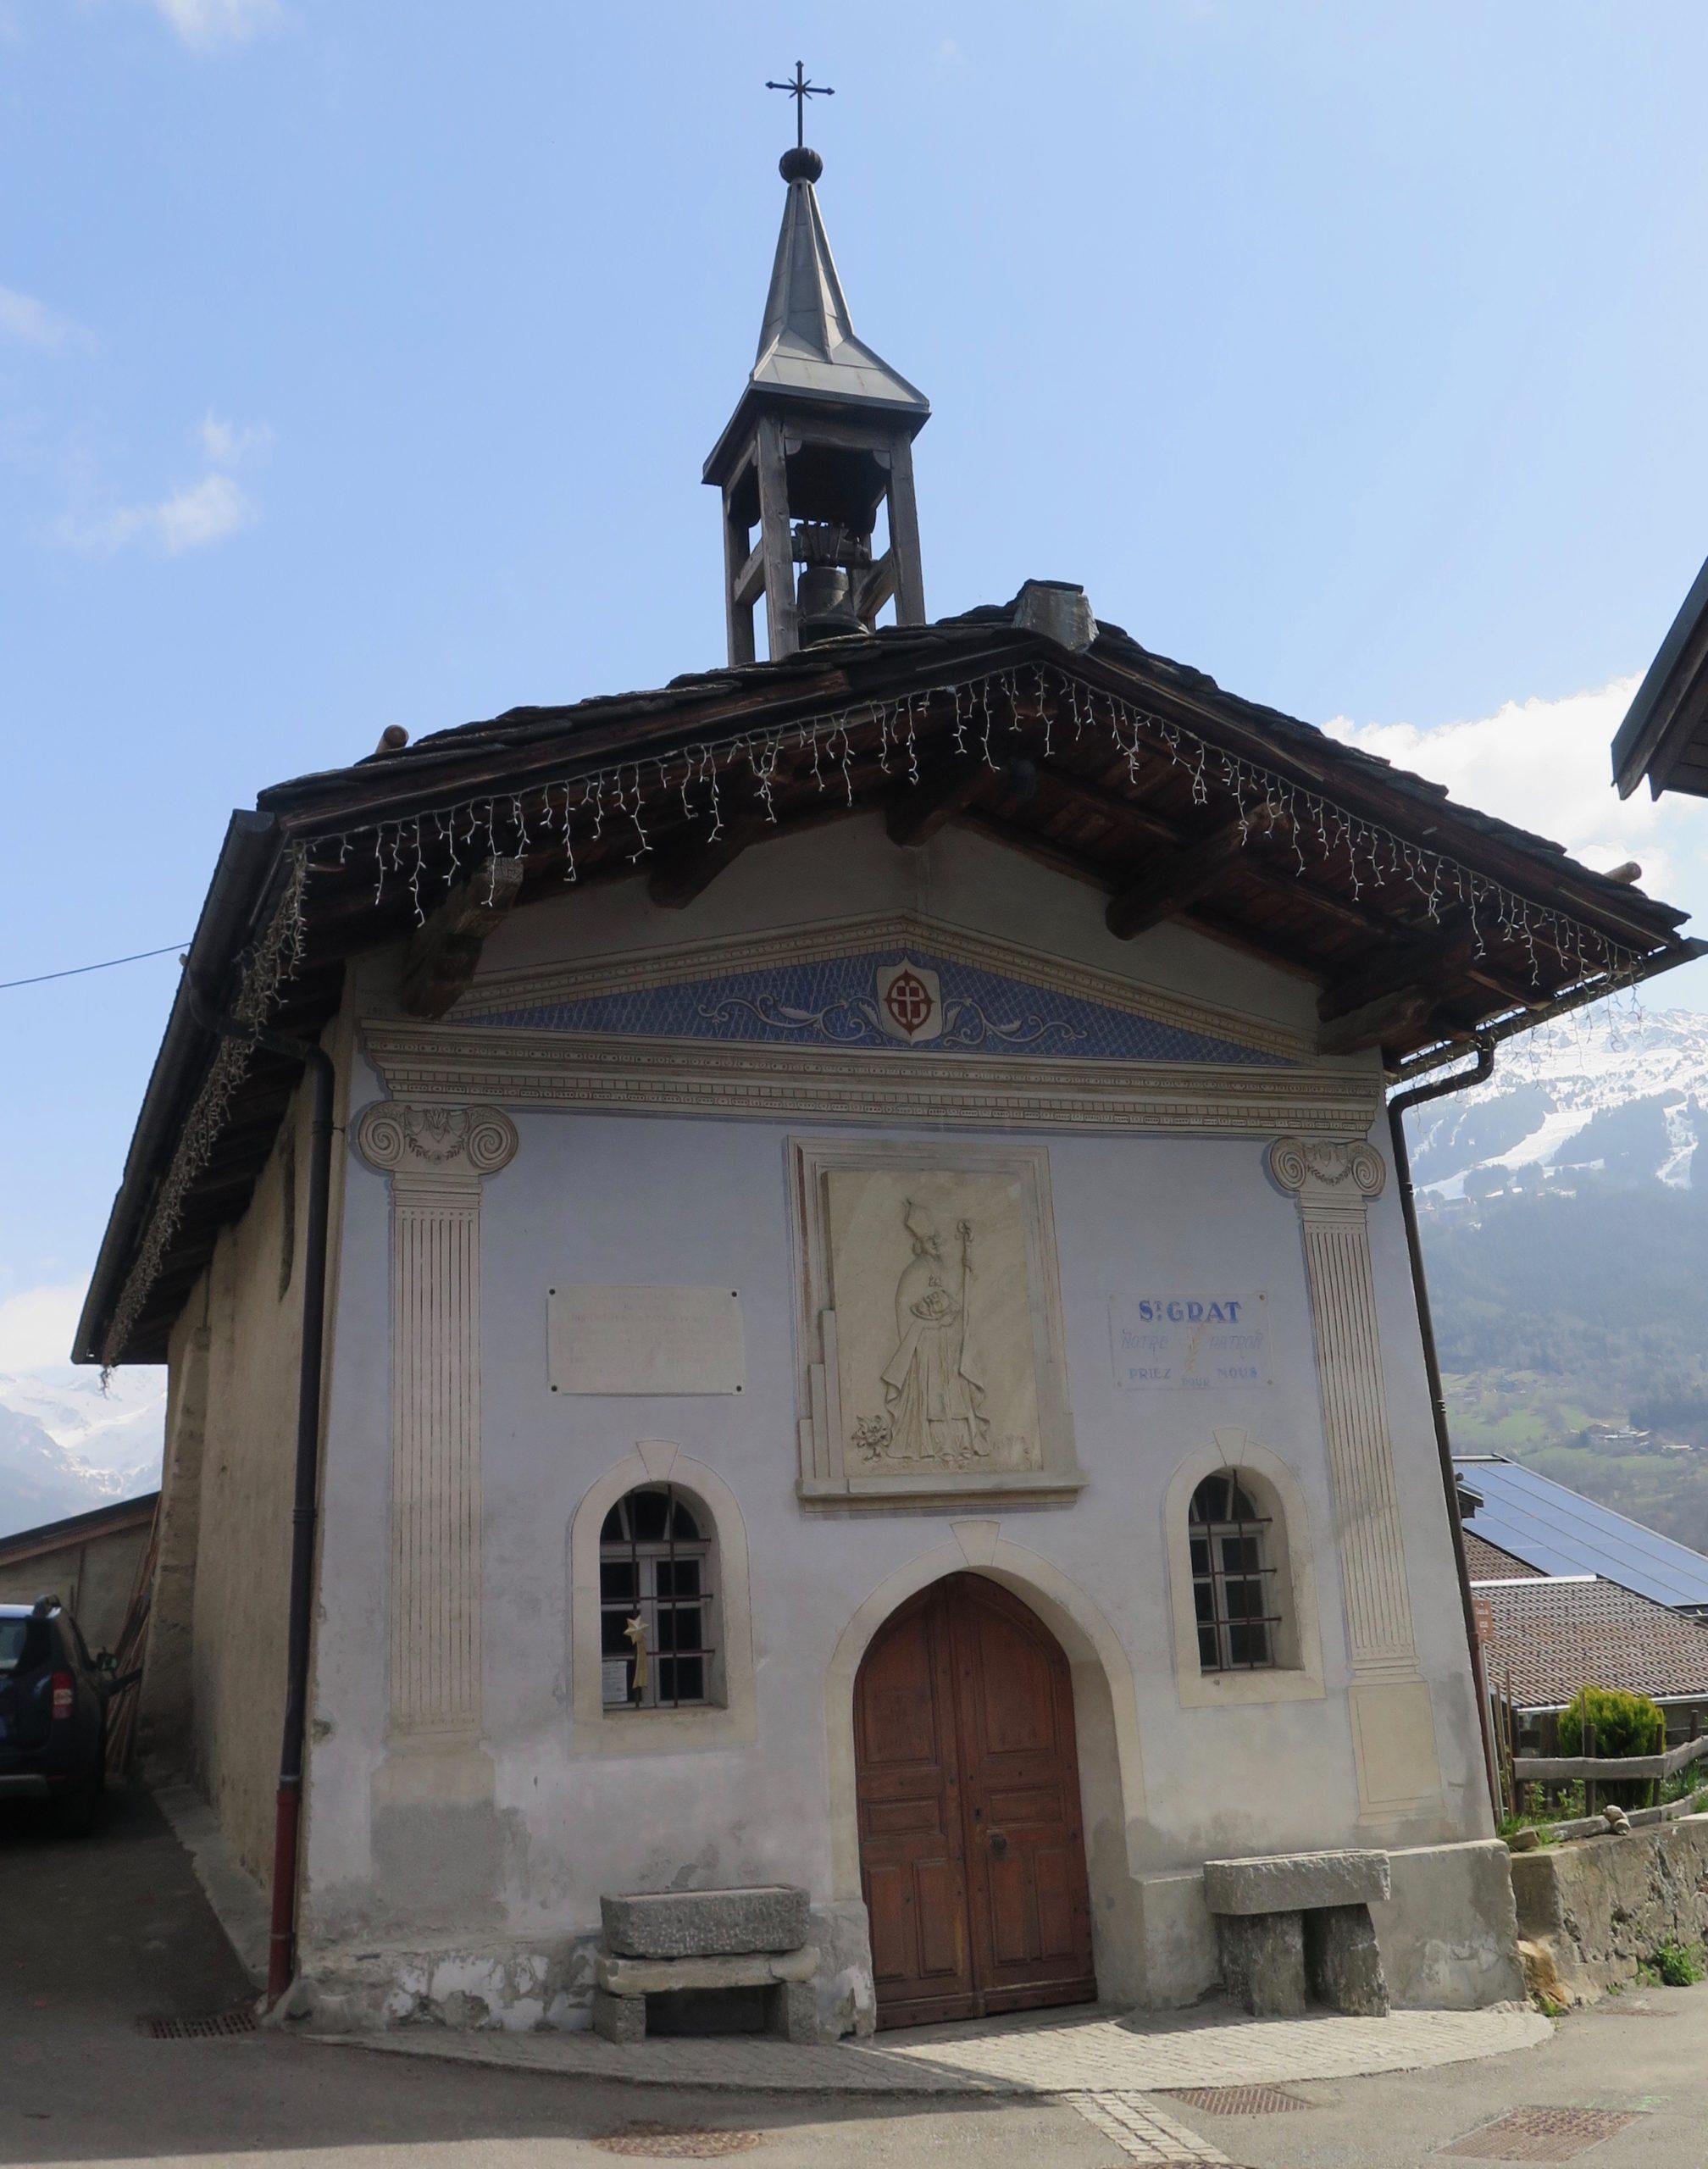 Chapelle St Grat